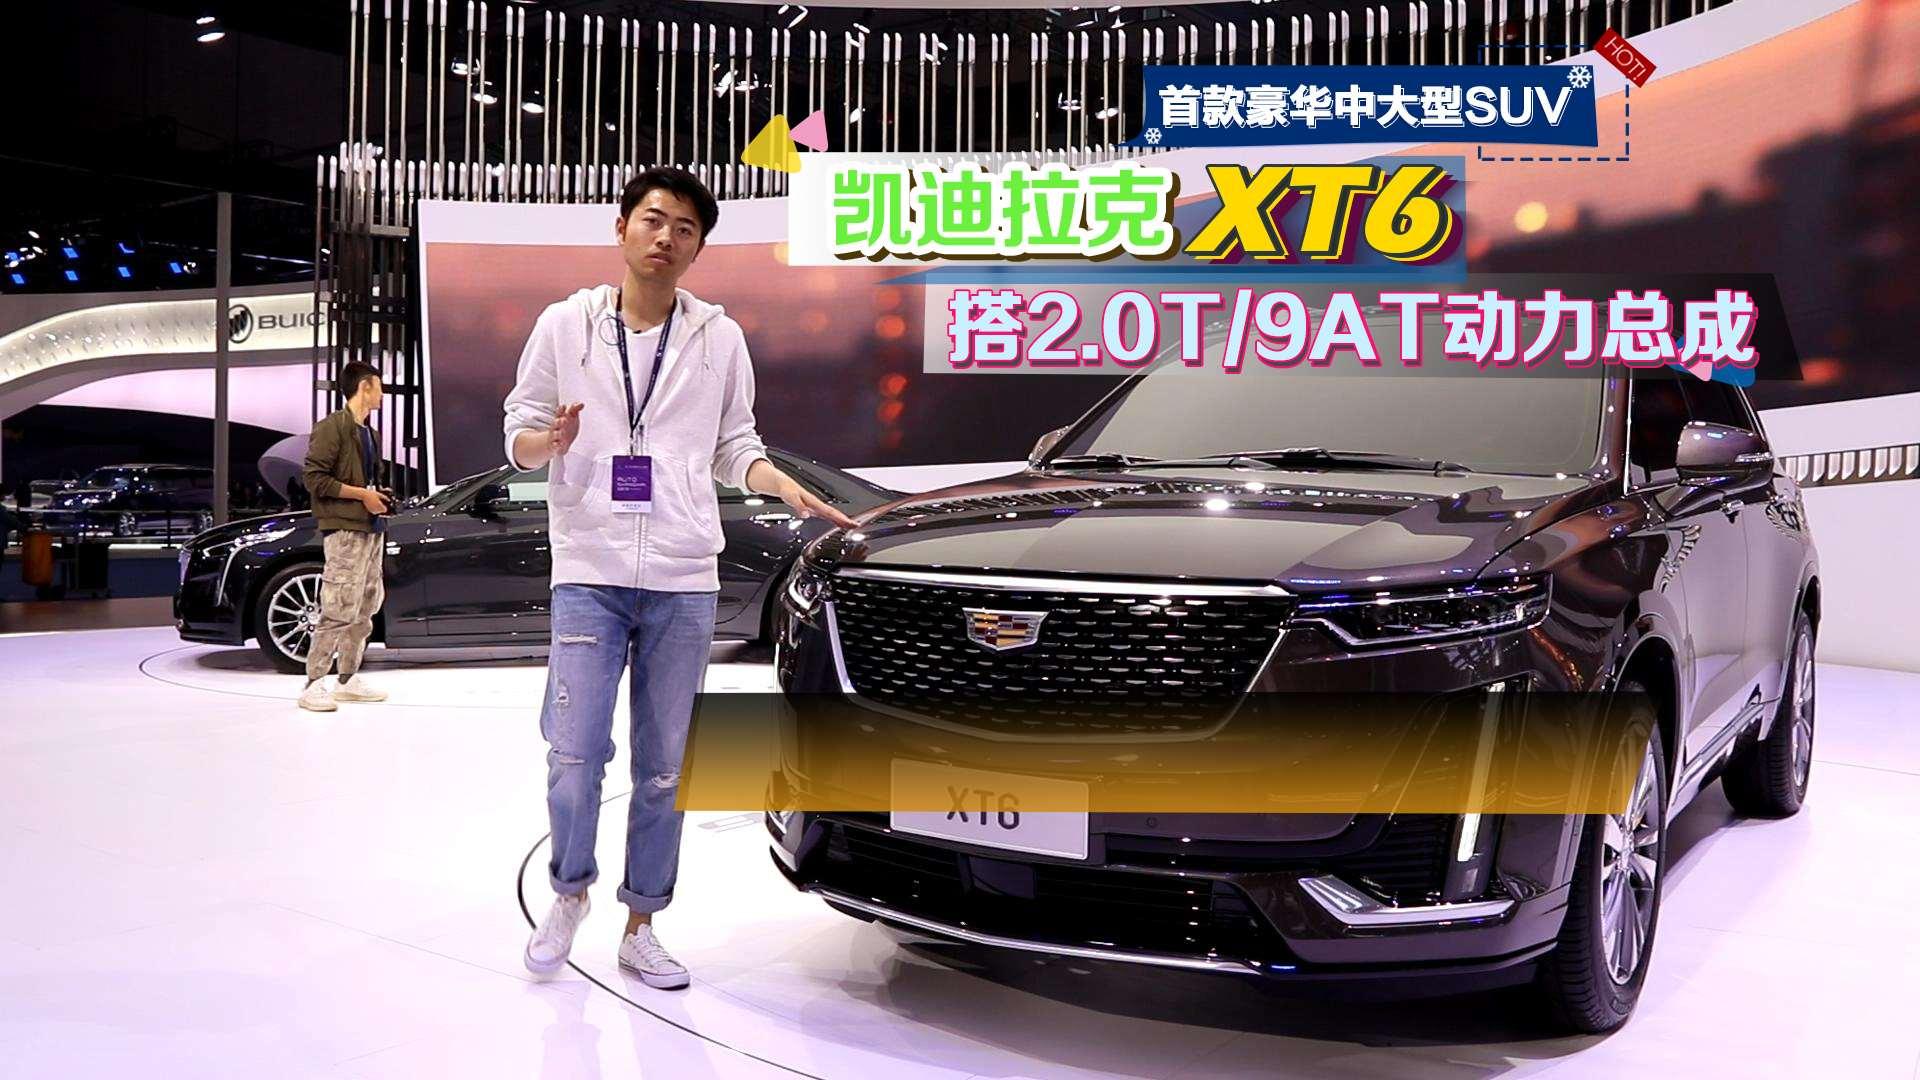 首款国产中大型SUV 凯迪拉克XT6搭2.0T/9AT动力总成